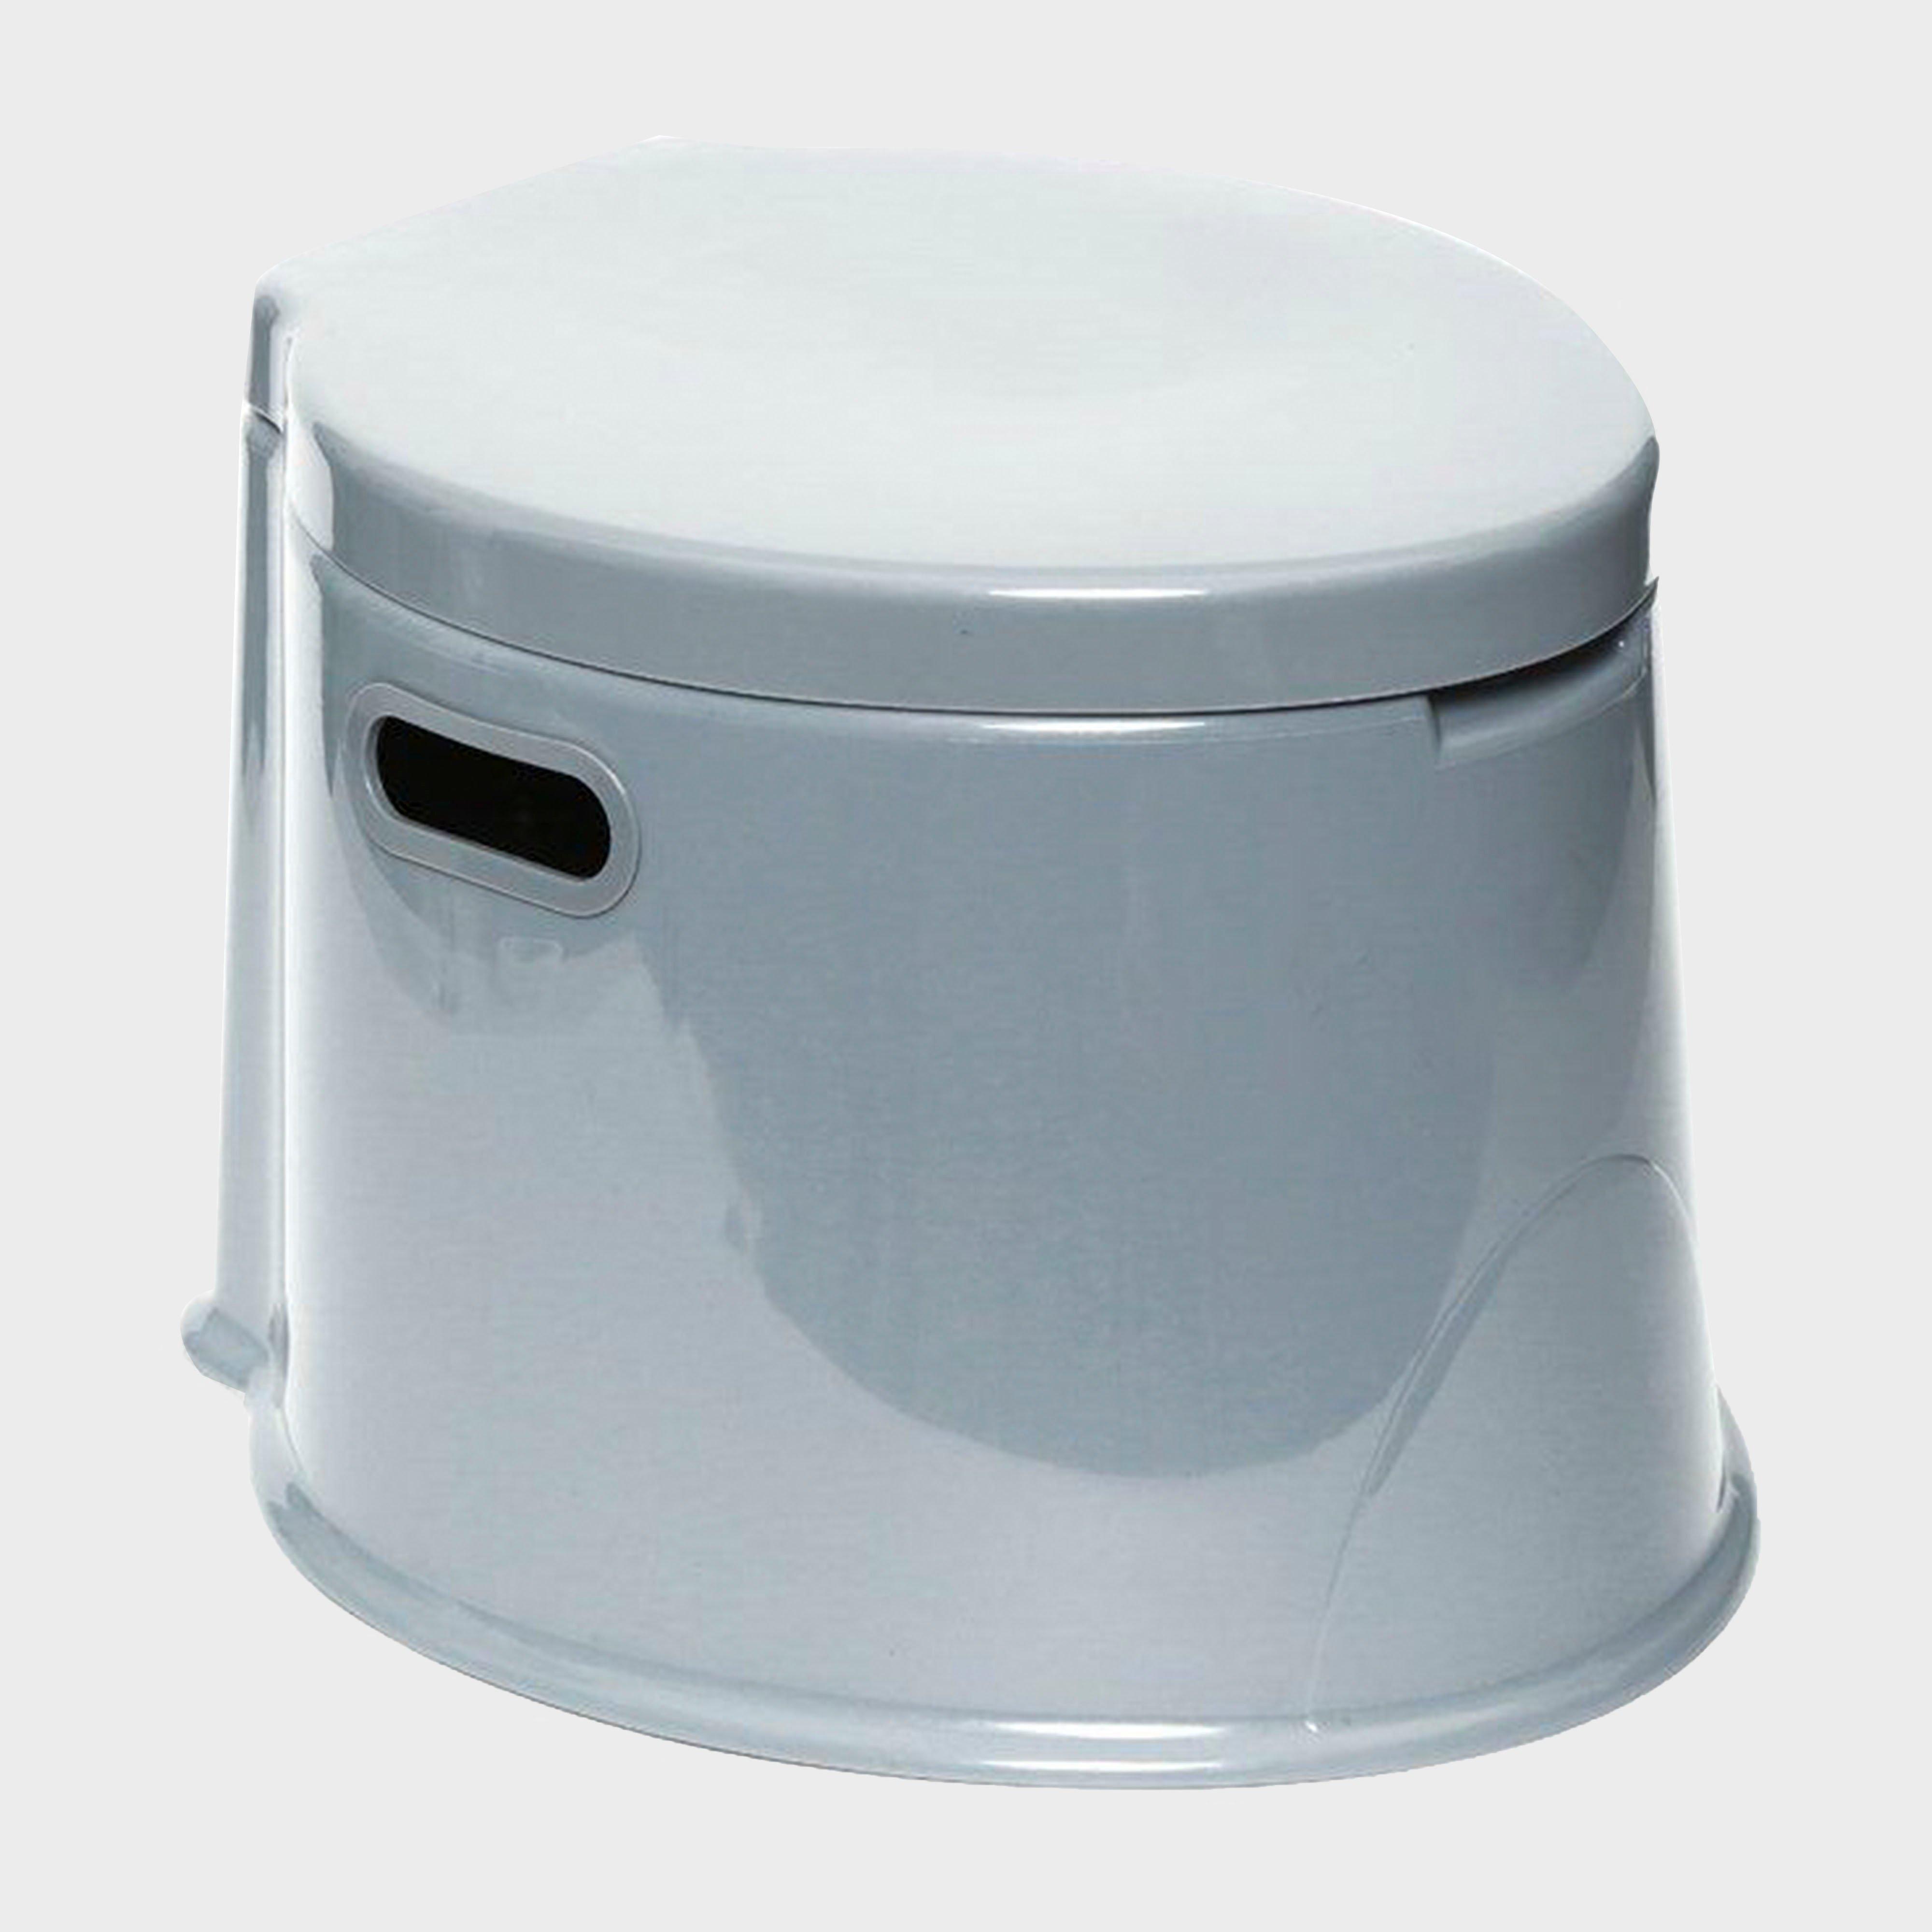 Hi-gear Portable Camping Toilet - Grey/toilet  Grey/toilet